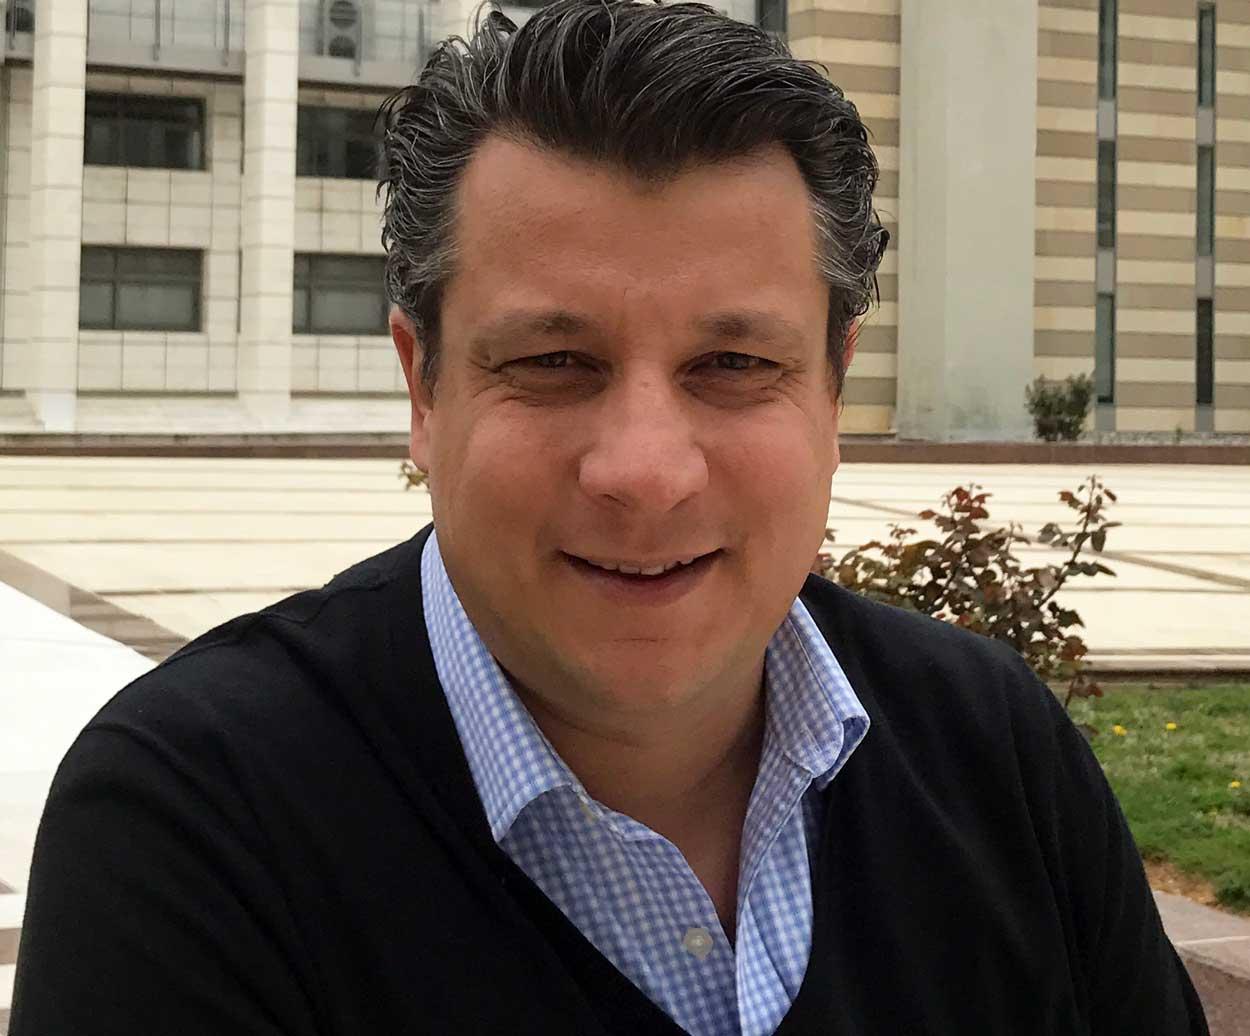 Δερμιτζάκης: Πρώτα έπρεπε να απαγορευτεί η θεία κοινωνία και μετά να κλείσουν μαγαζιά